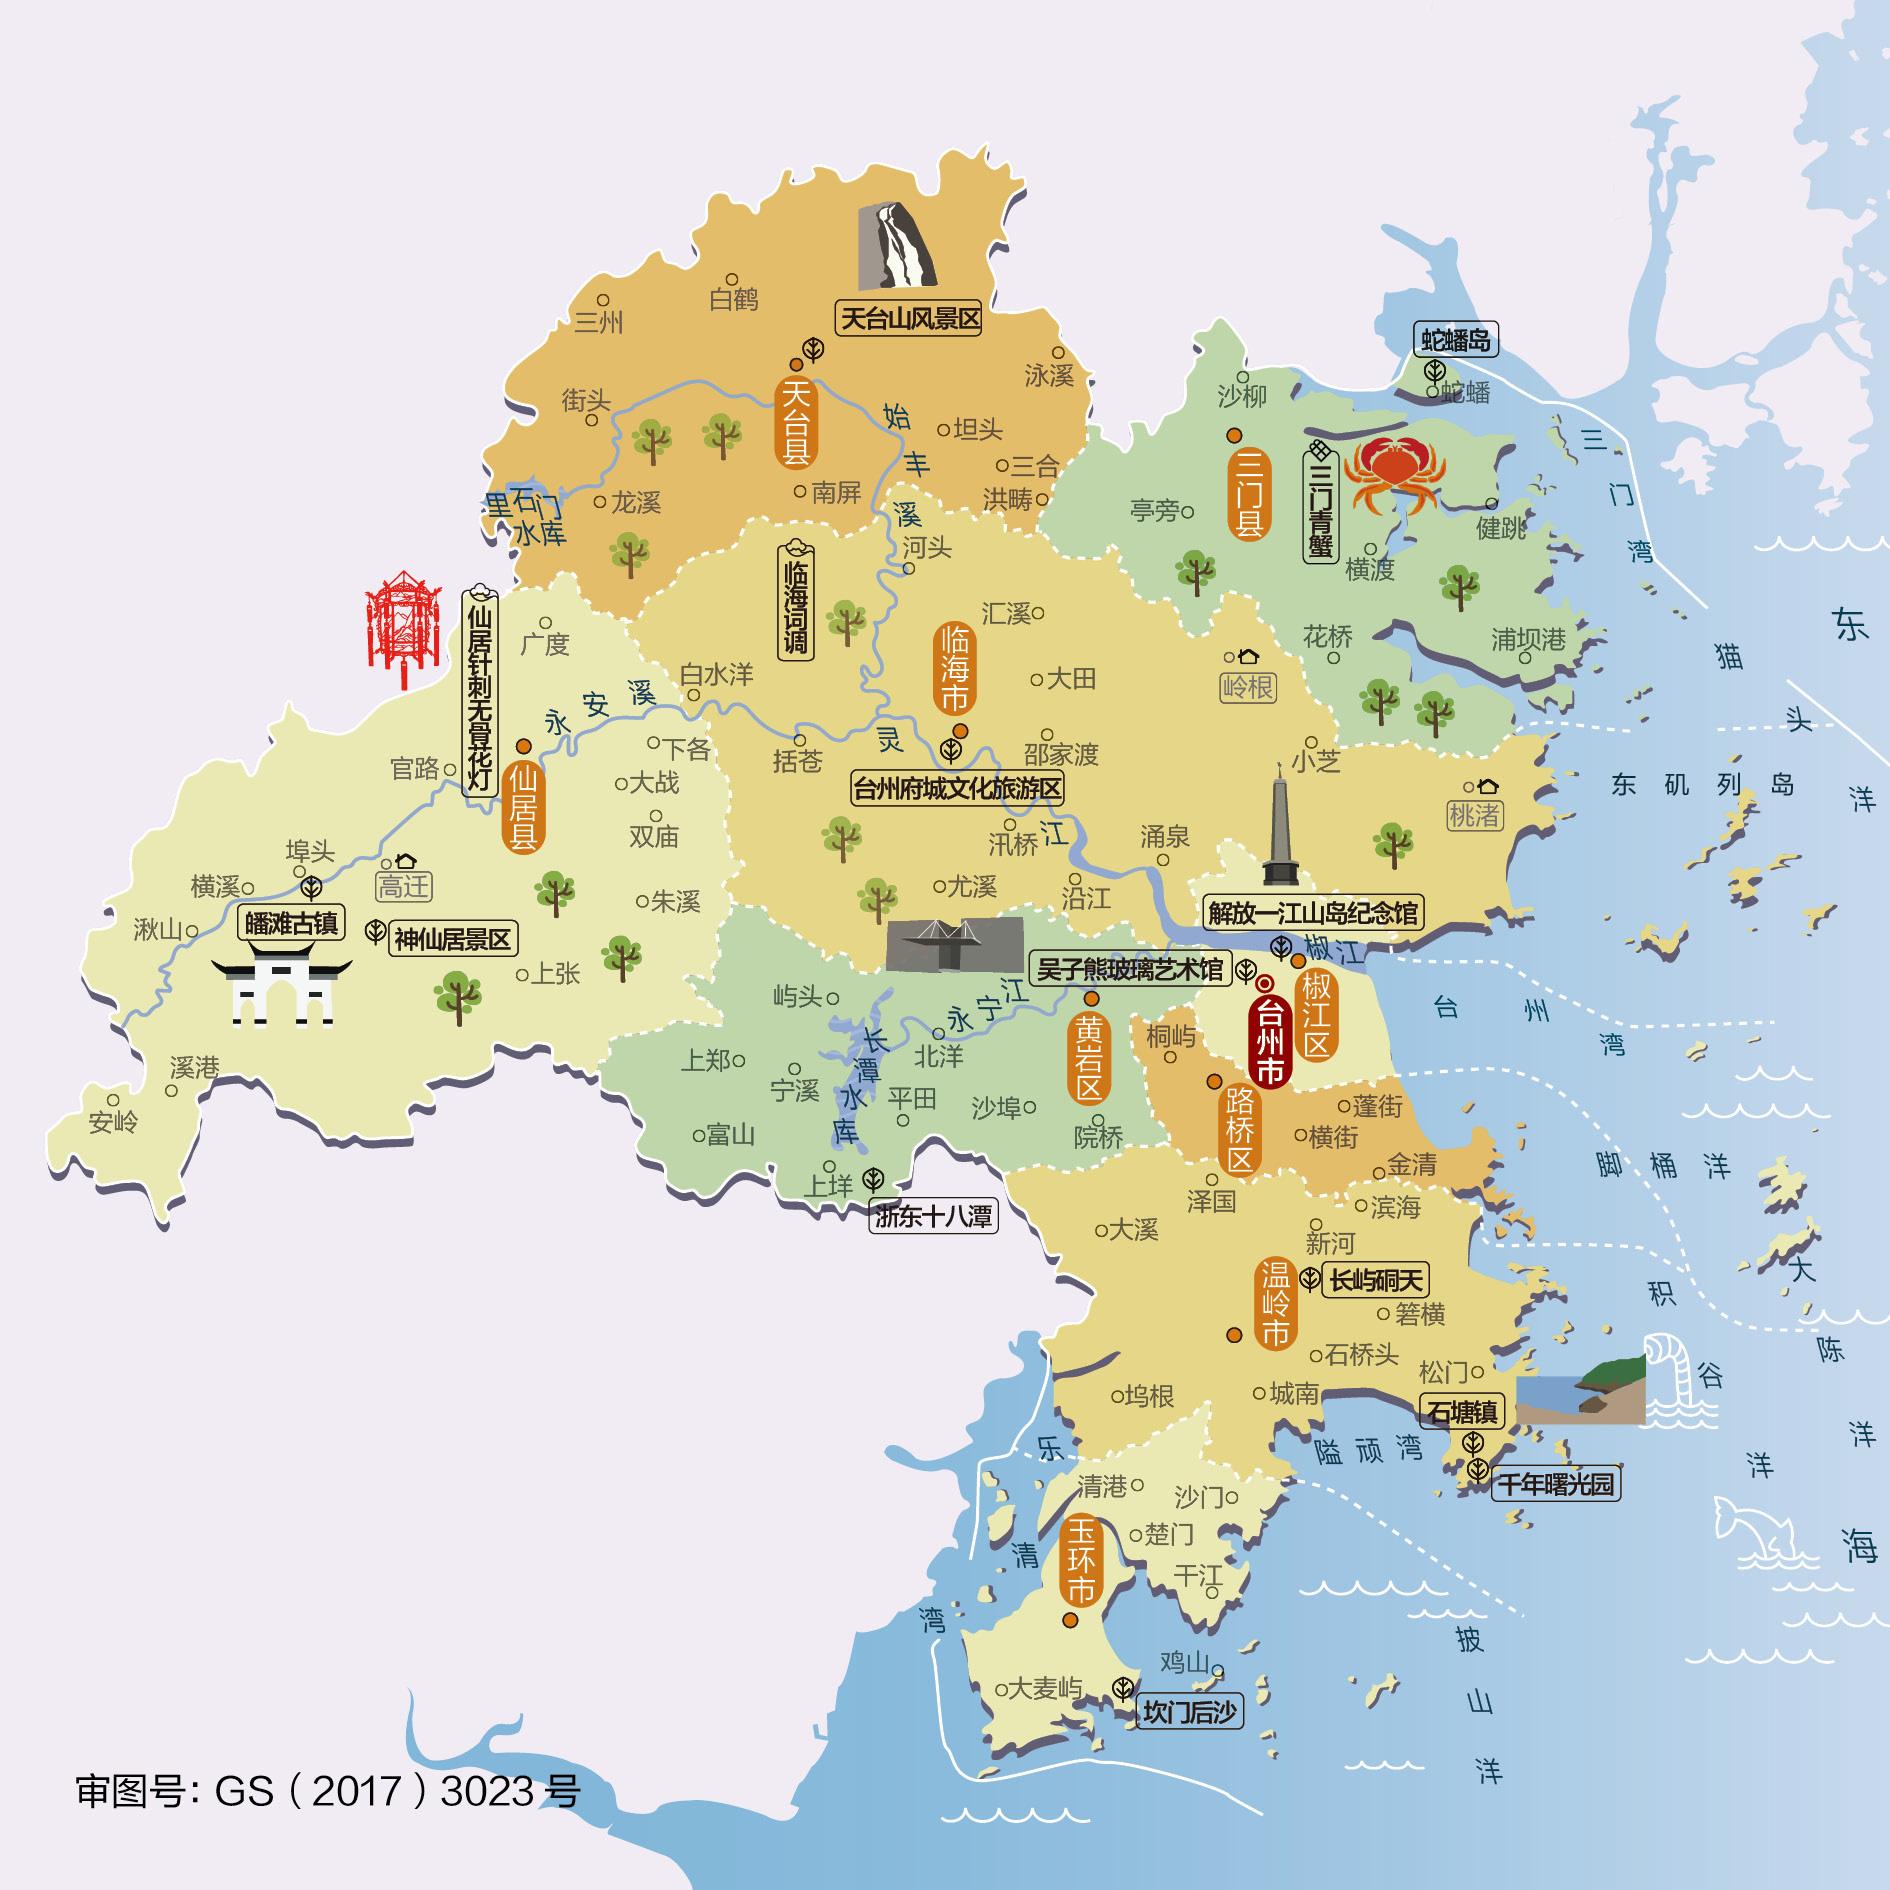 金华旅游景点_浙江省台州市人文地图_台州地图库_地图窝